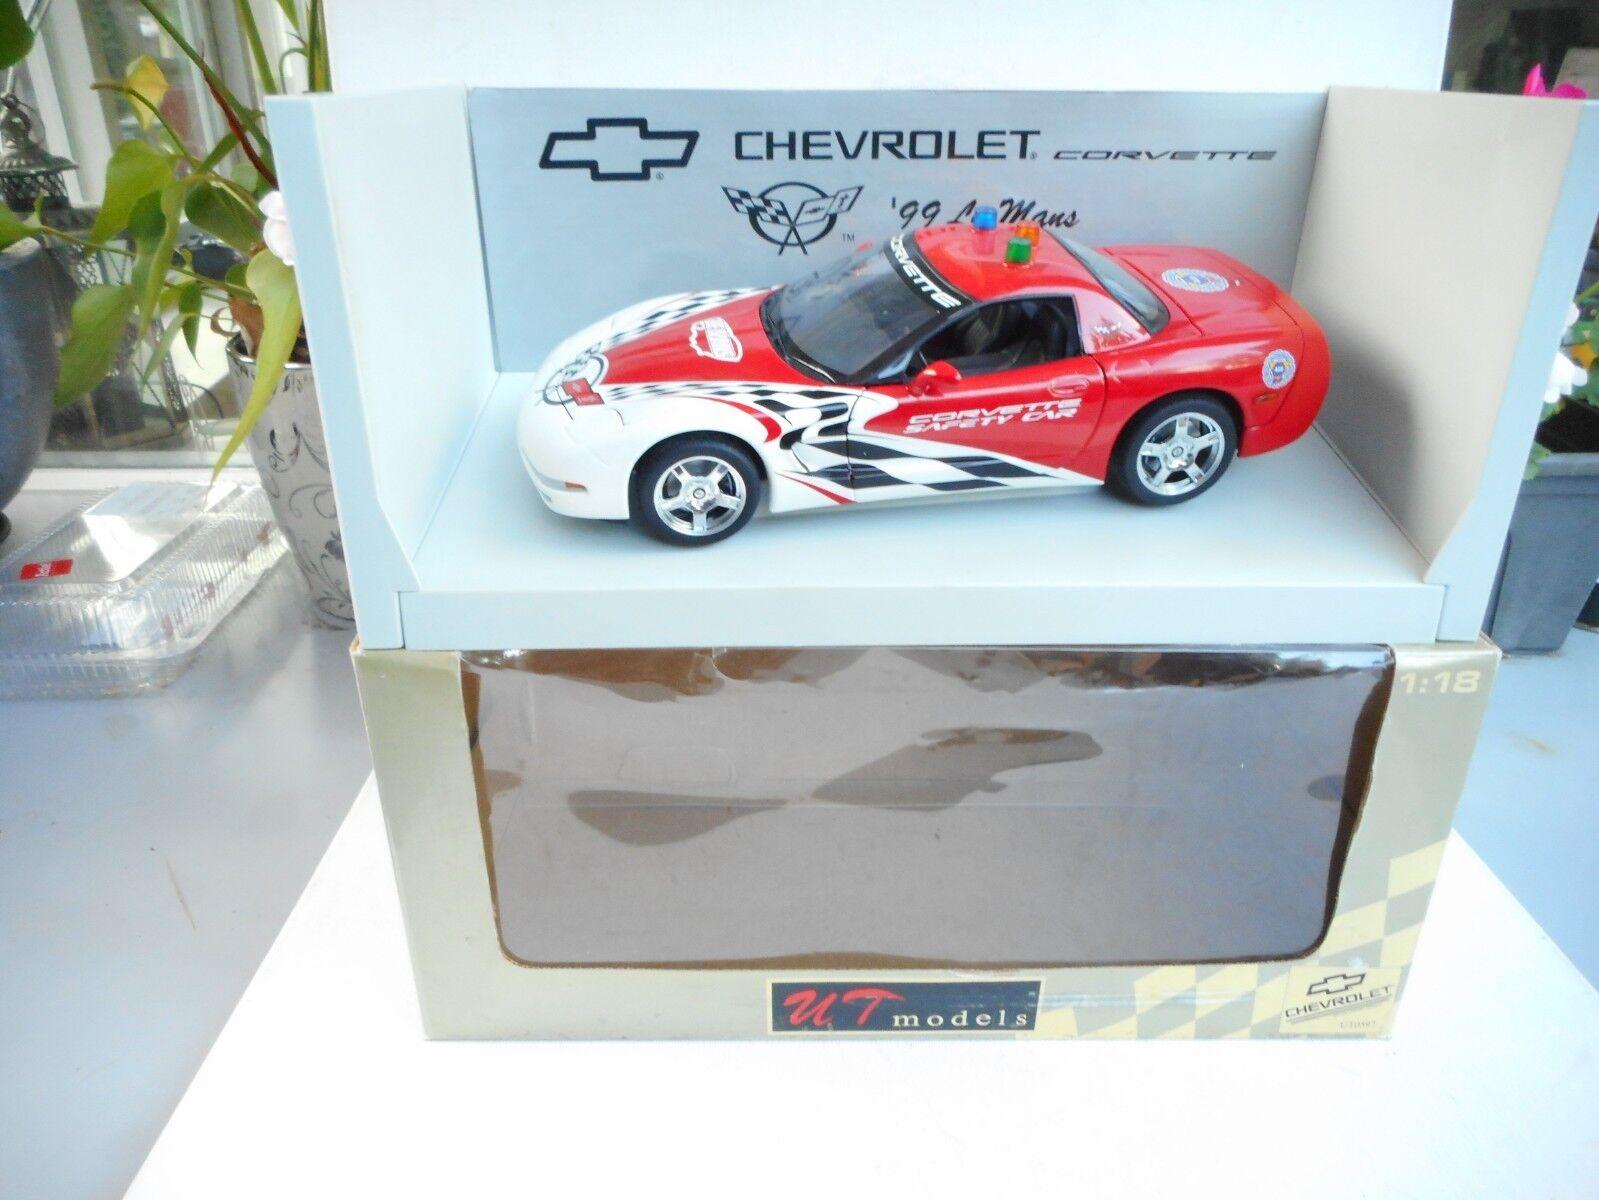 UT MODELS UT0597 CHEVROLET CORVETTE - SAFETY CAR LE MANS 1 18 MINT BOX